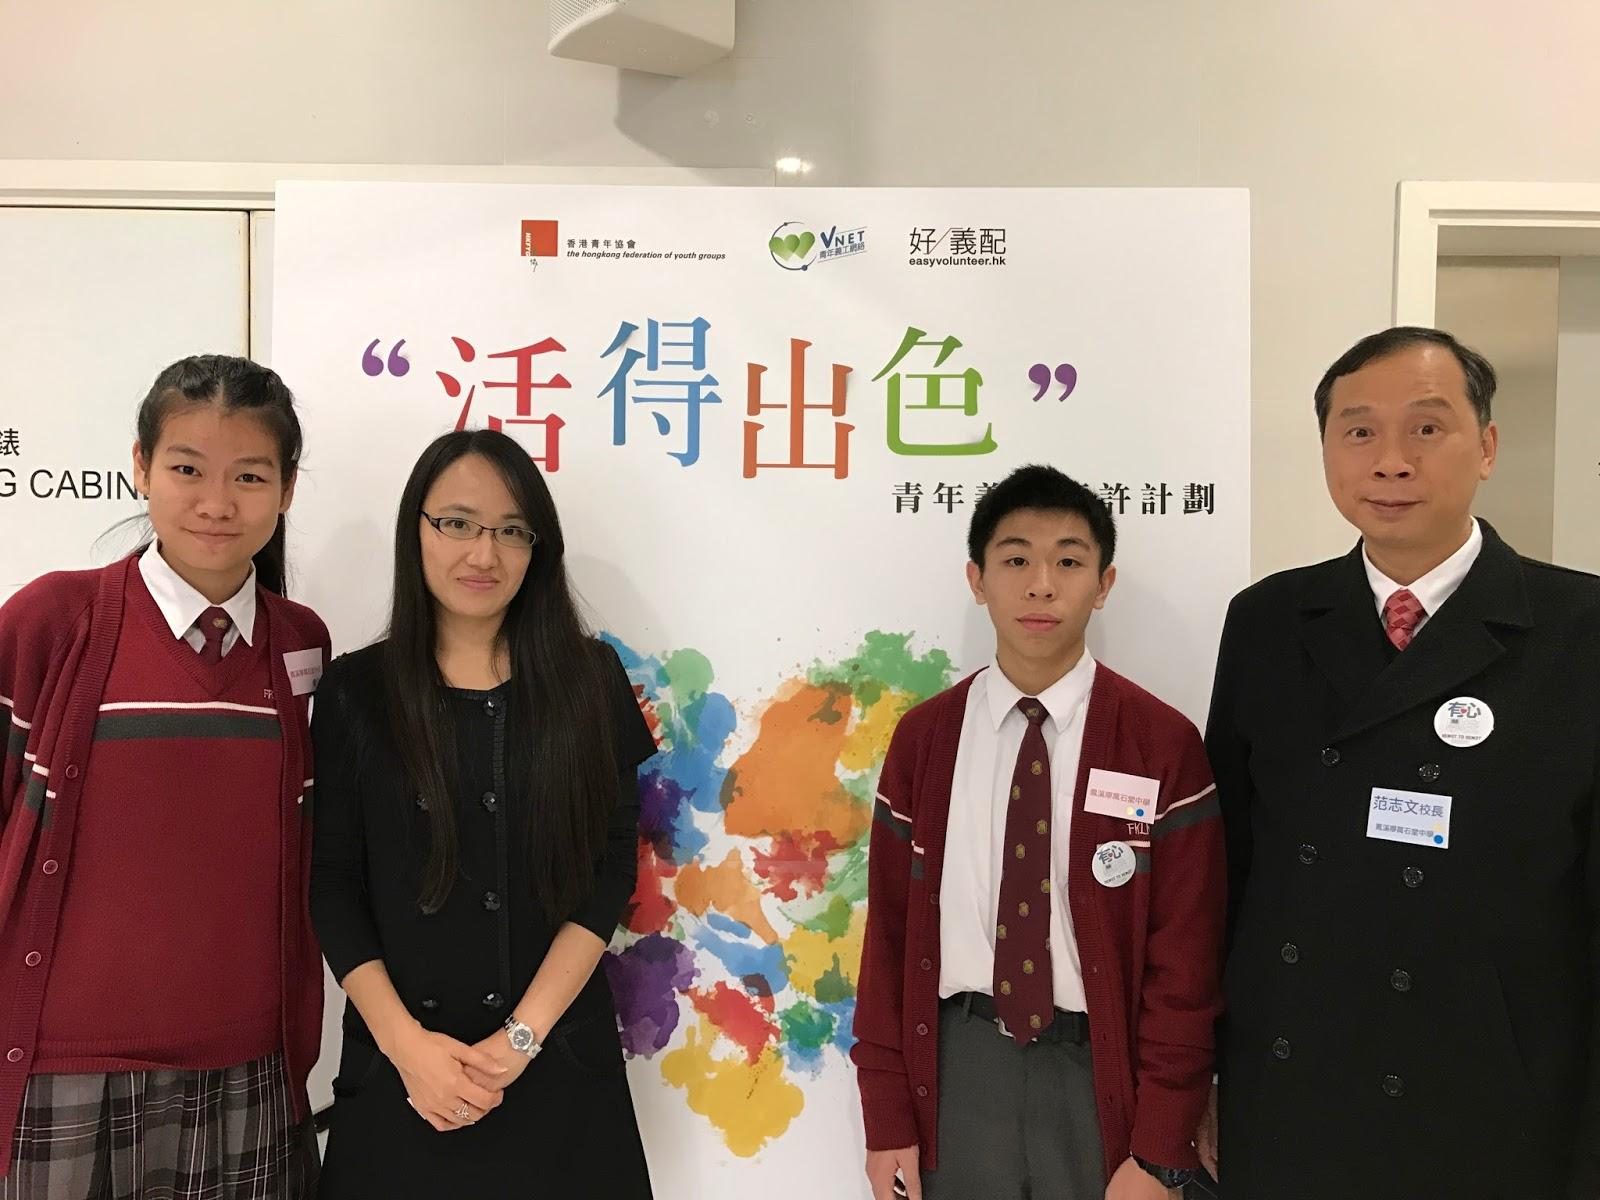 香港青年協會《有心計劃》嘉許禮 – 香港青年協會 The Hong Kong Federation of Youth Groups